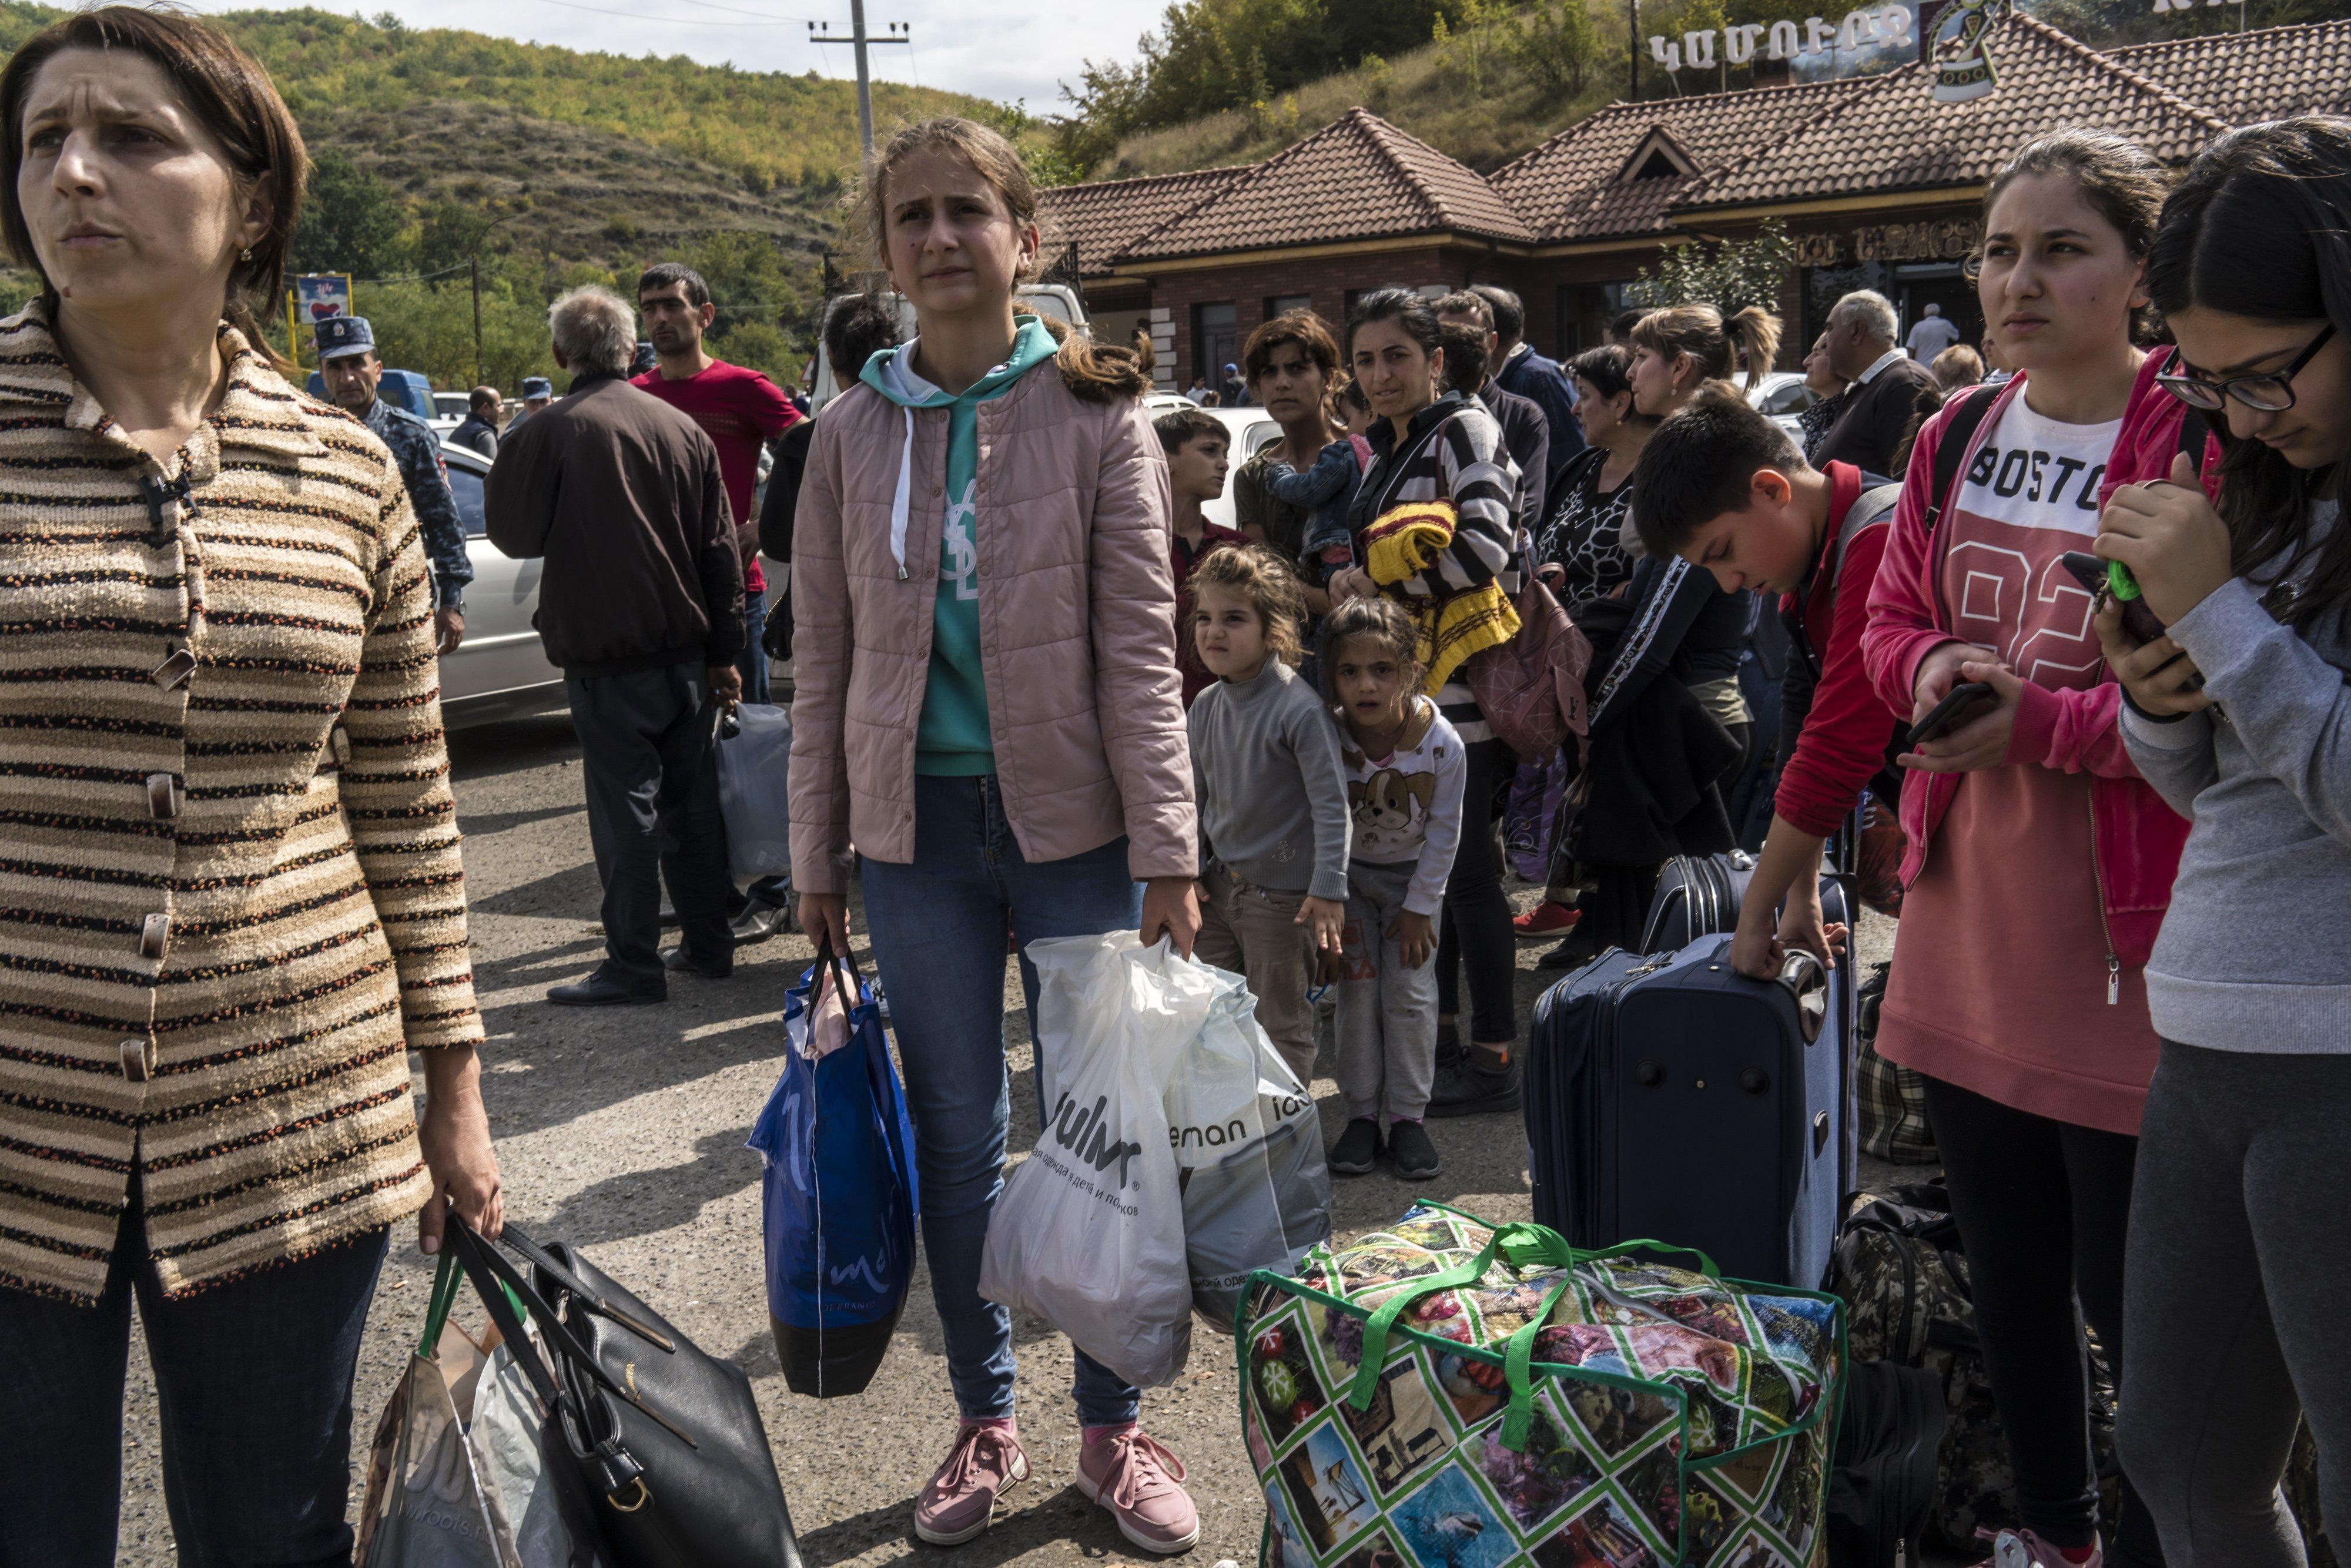 سكان من ناغورنو كراباخ يستعدون للنزوح فراراً من القتال